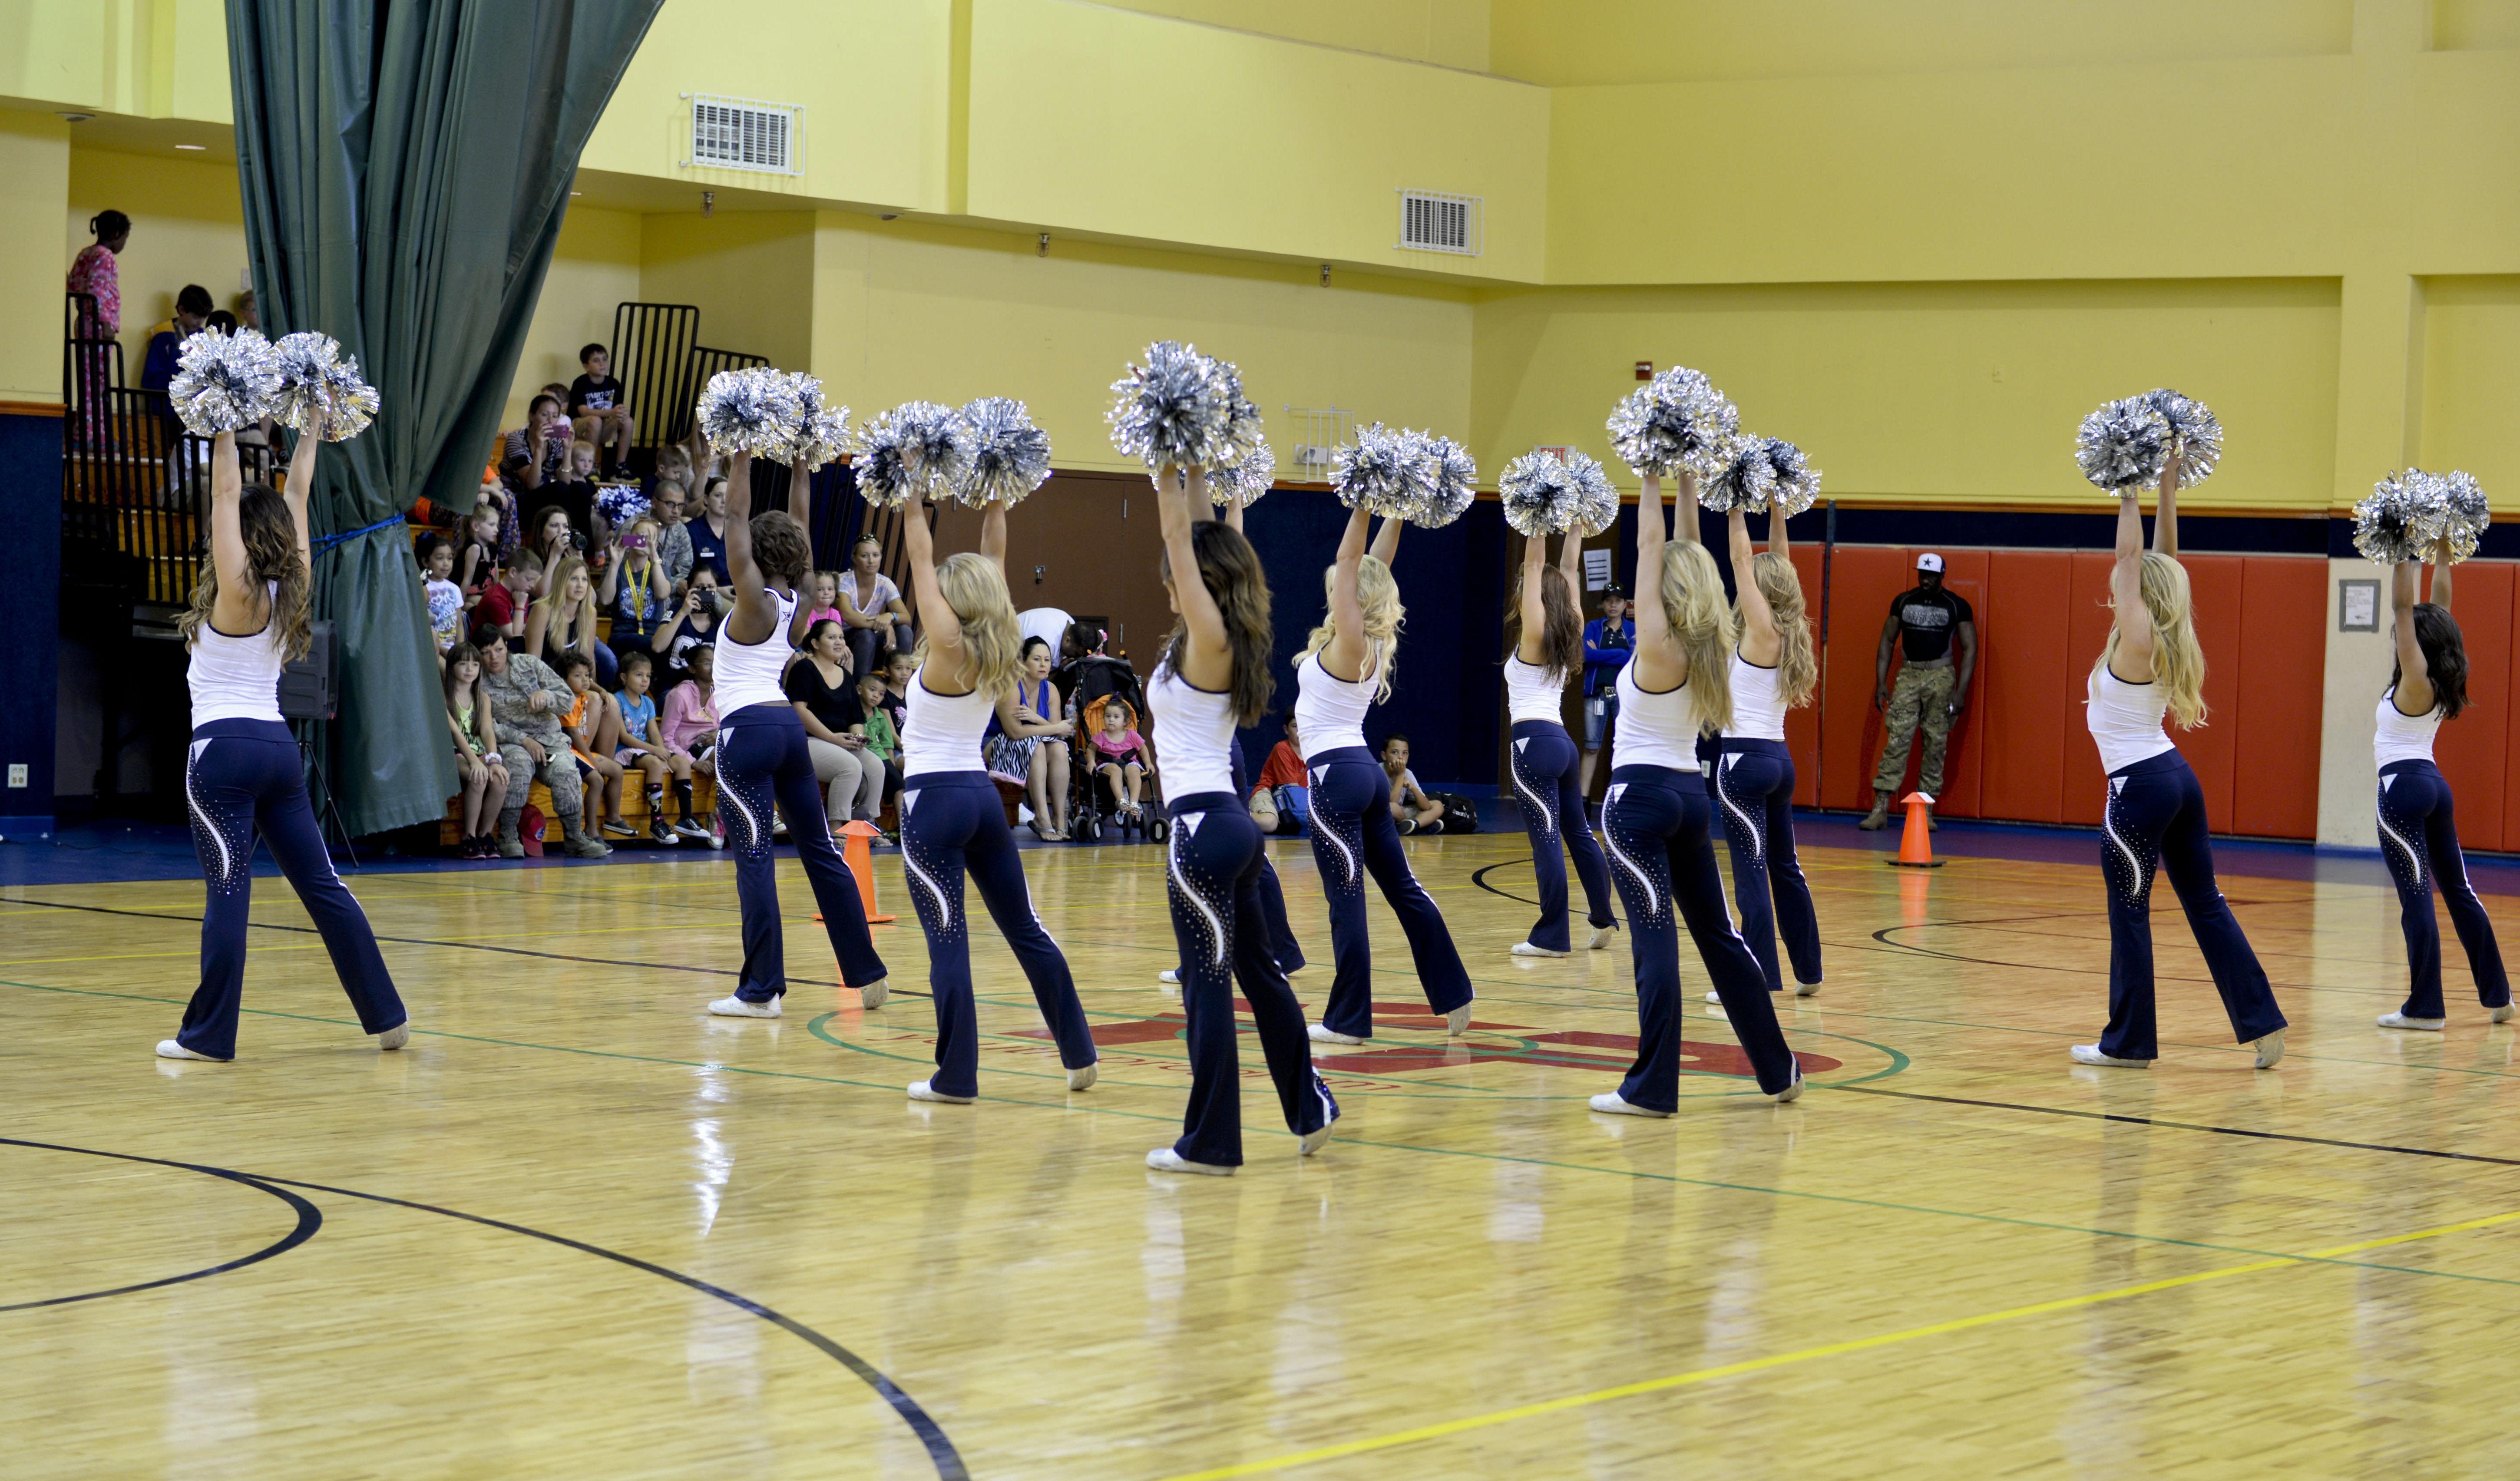 Dallas cowboys cheerleaders visits team andersen andersen air photo details download hi res 2 of 4 the dallas cowboys cheerleaders perform m4hsunfo